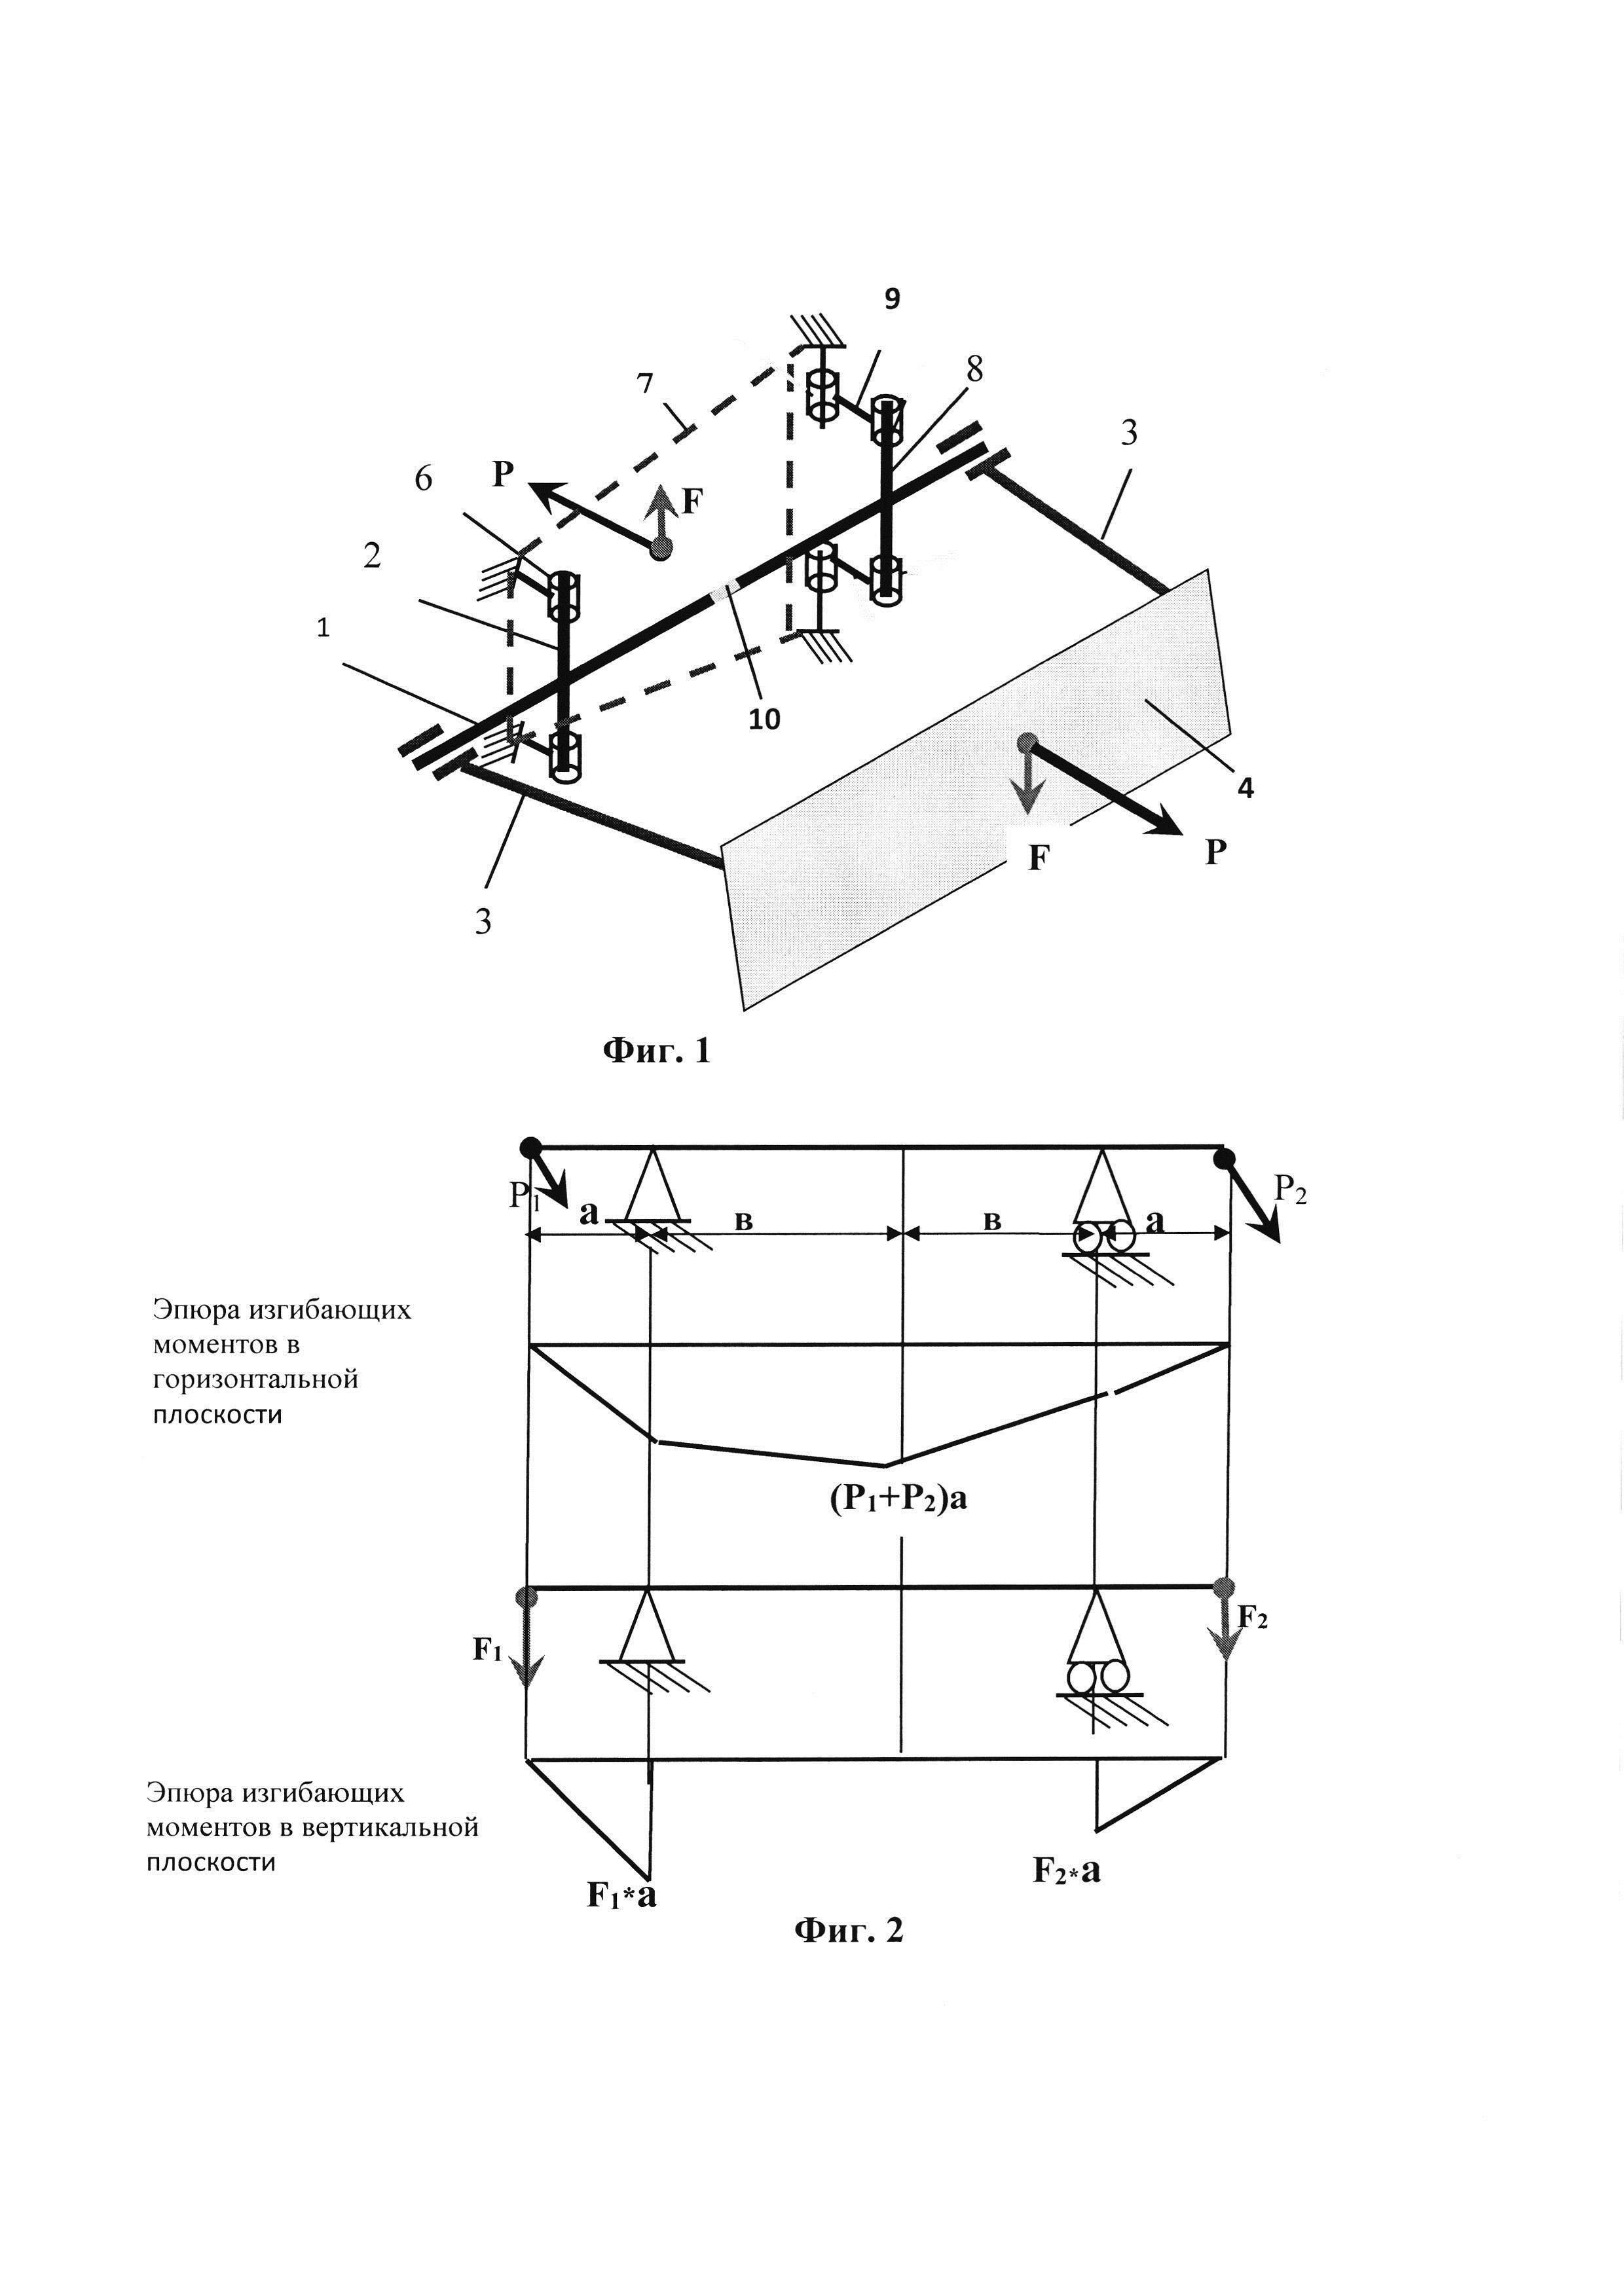 Механизм для измерения горизонтальной составляющей тягового усилия от сельскохозяйственной машины